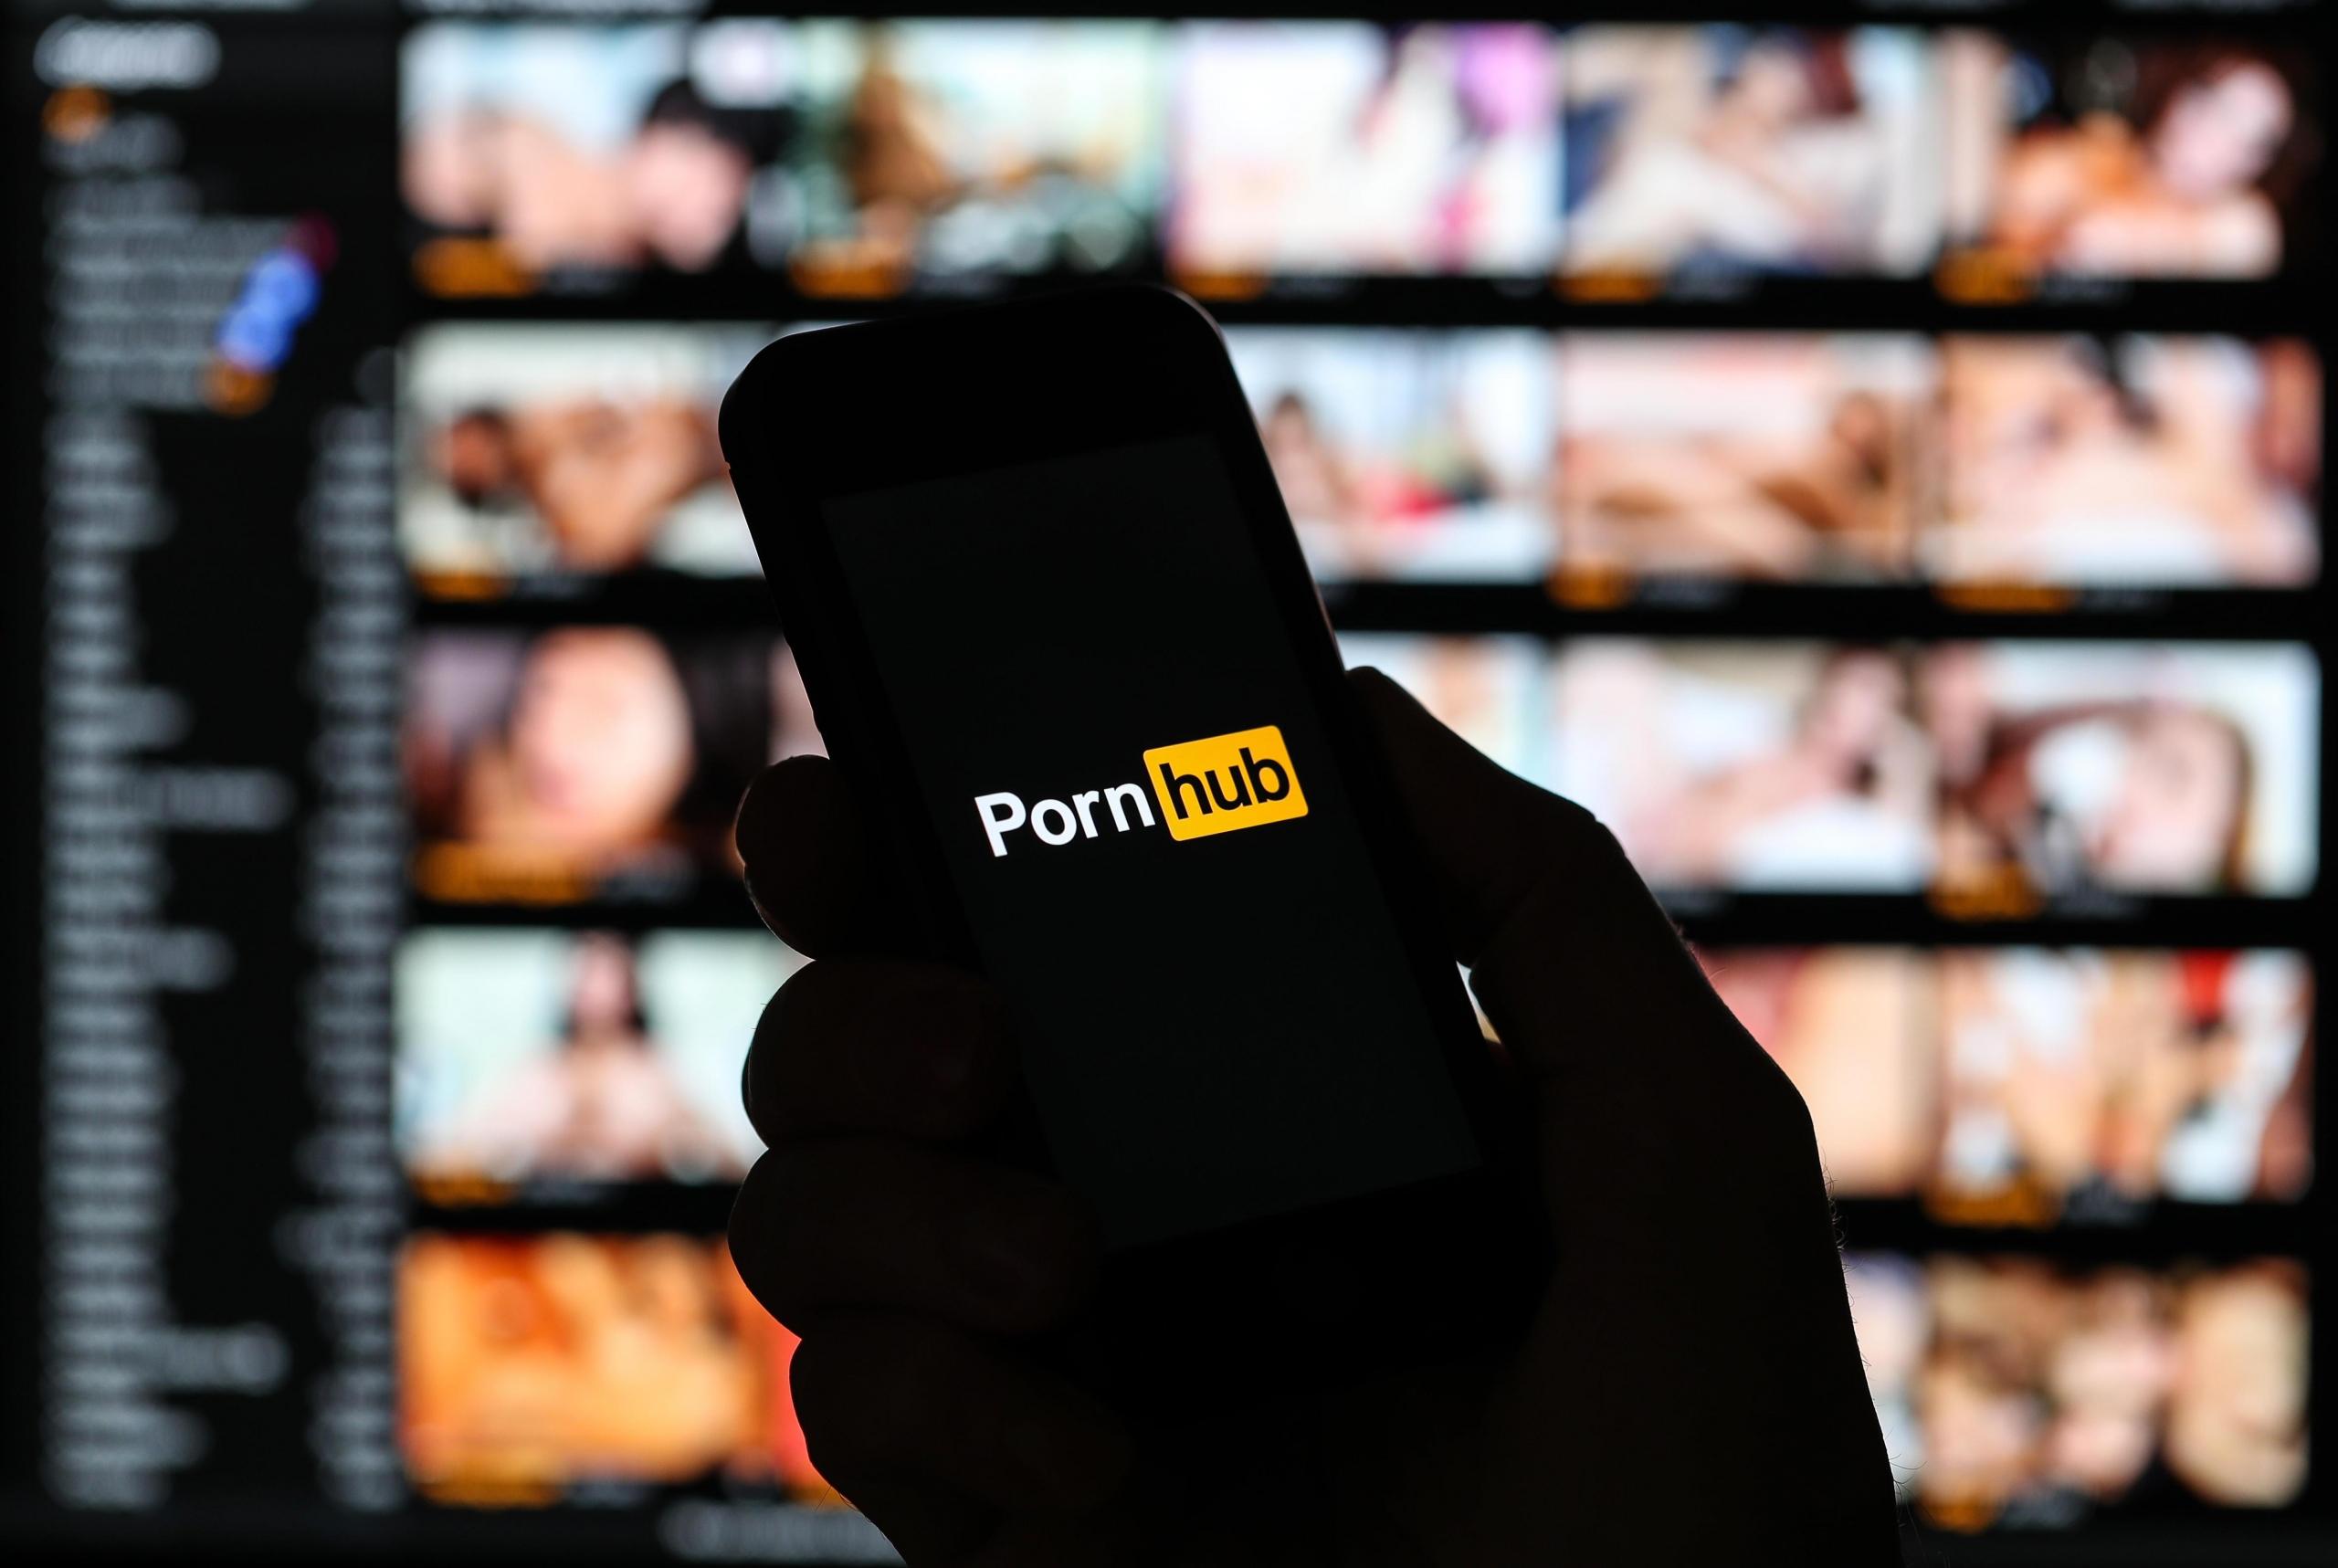 Pornhub ofrece contenido premium gratis para todo el mundo y hace donaciones para ayudar a combatir el COVID-19